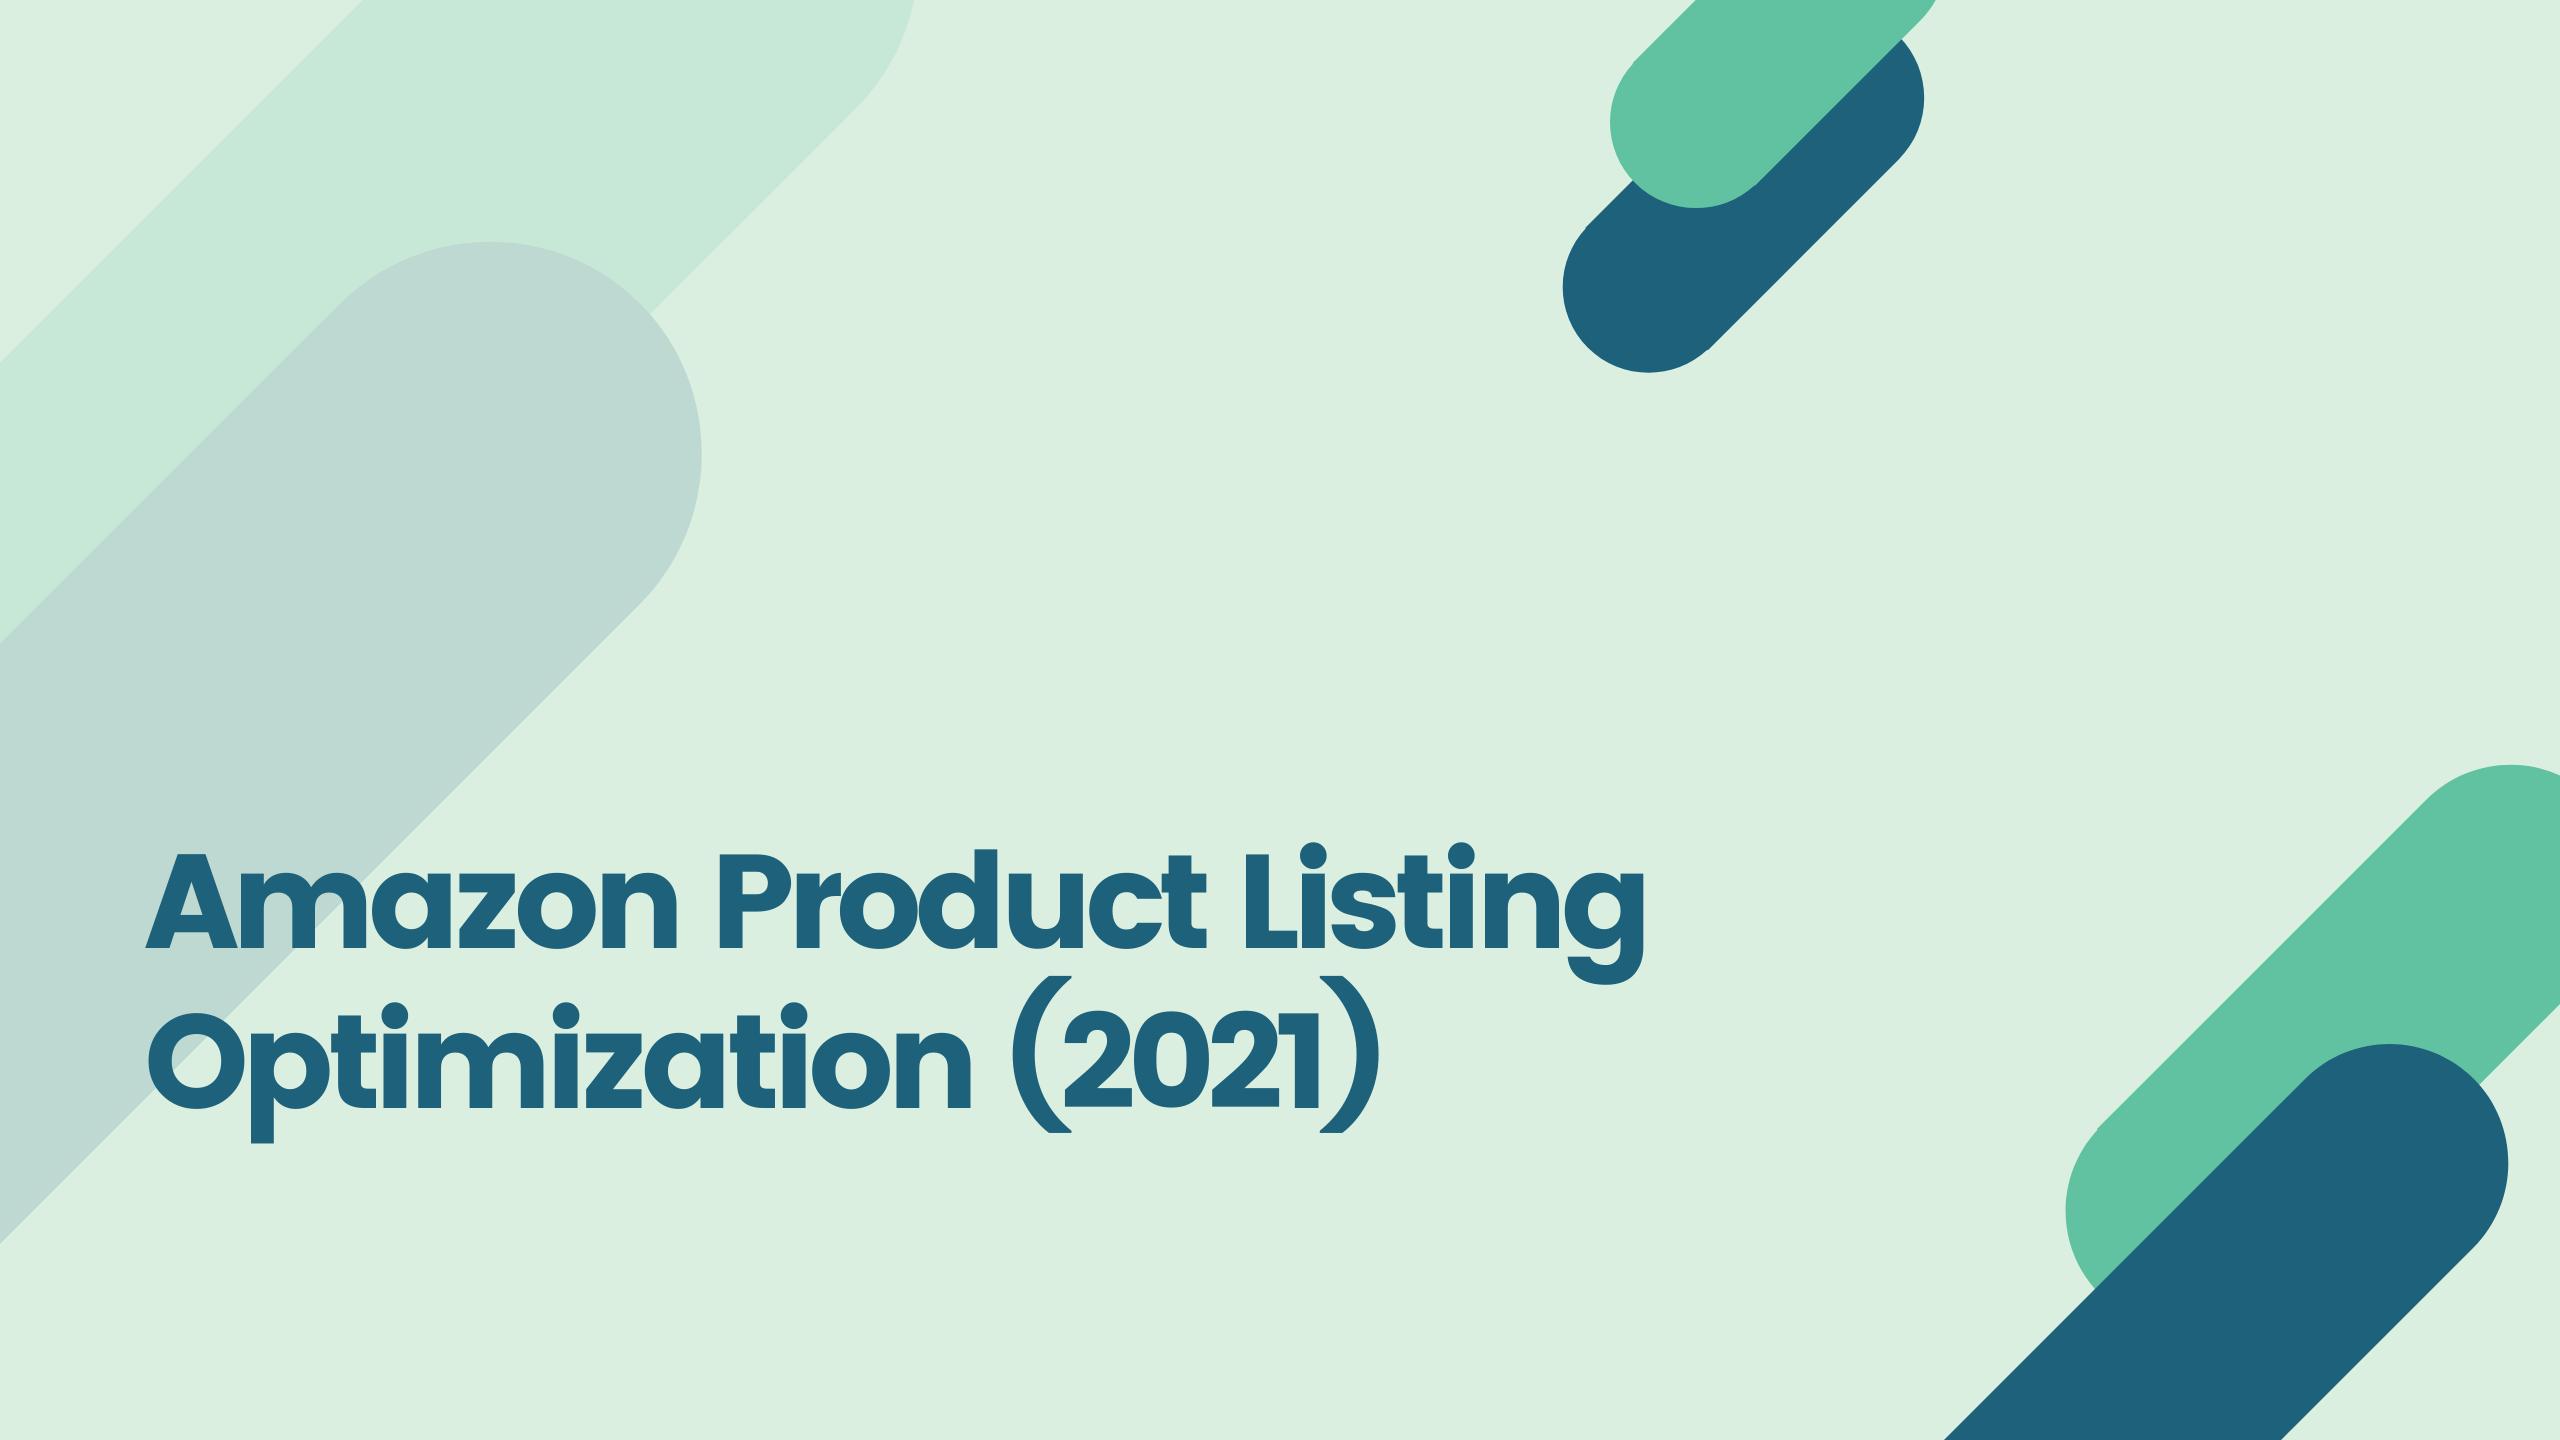 Amazon Product Listing Optimization (2021)